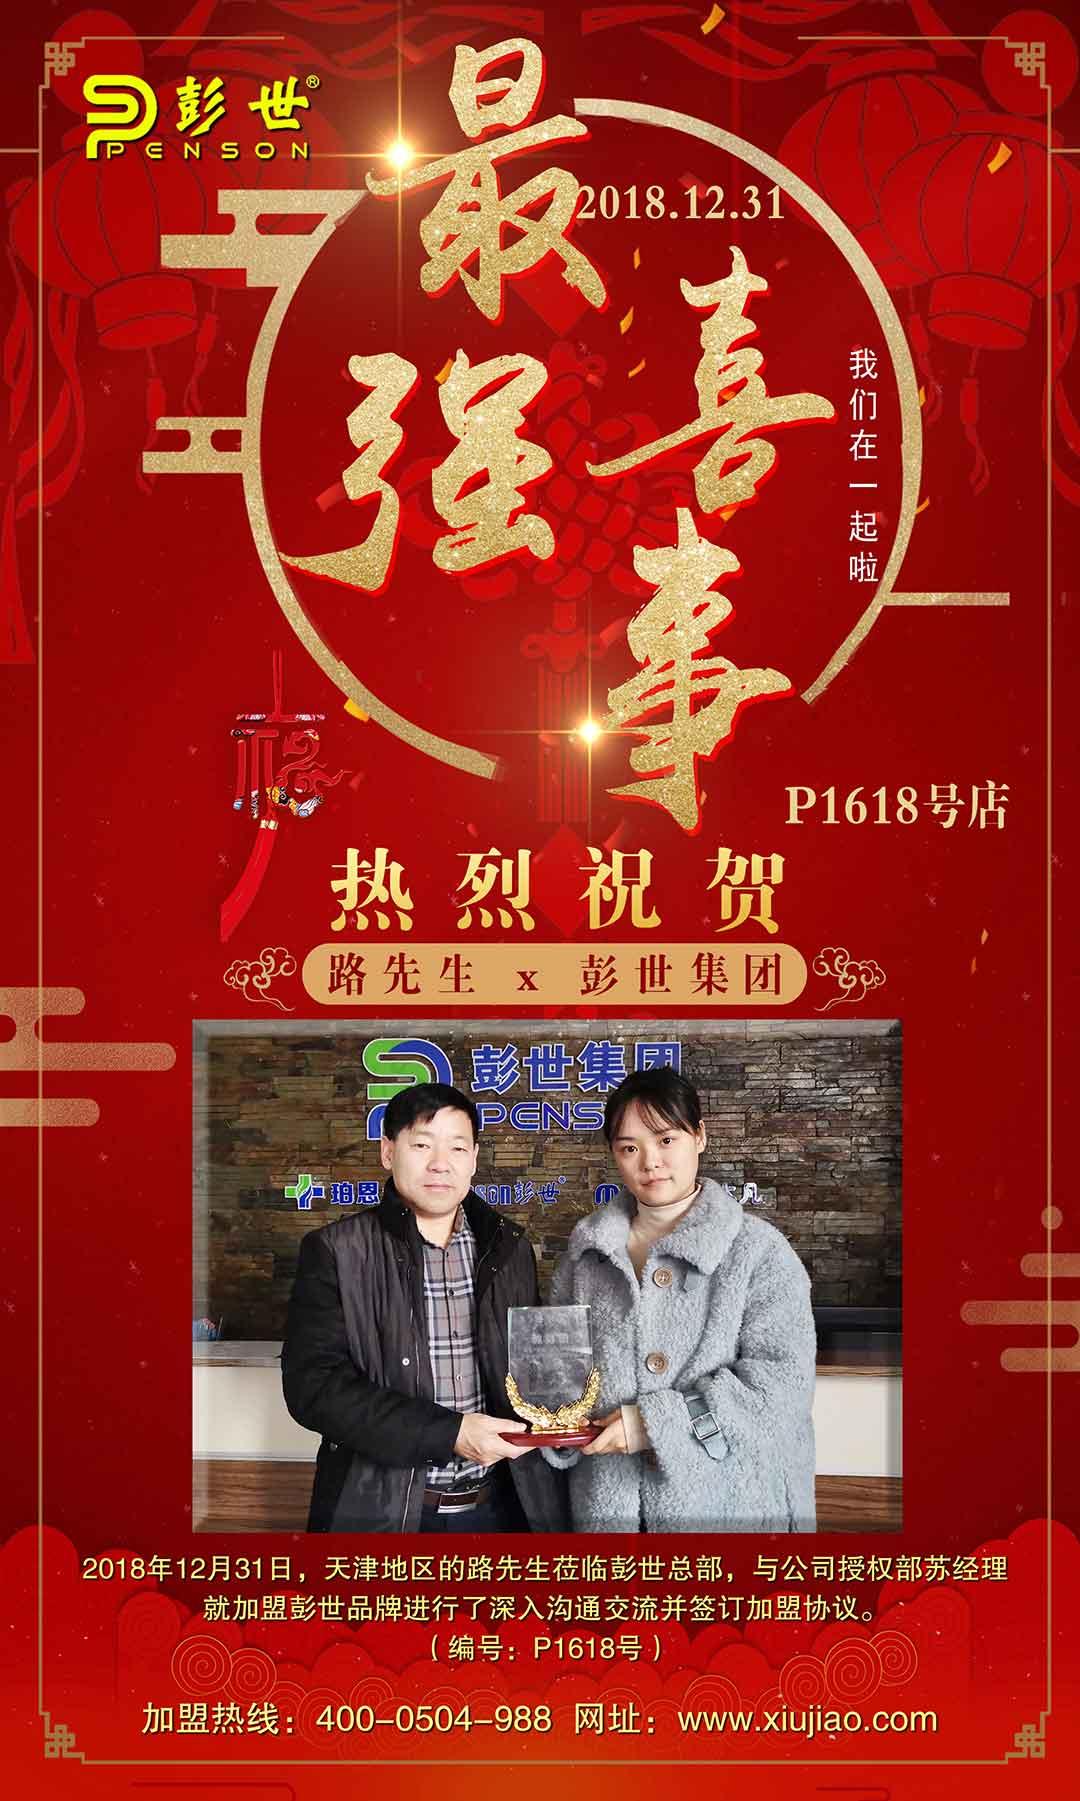 恭喜路先生成功签约天津地区彭世修脚加盟店